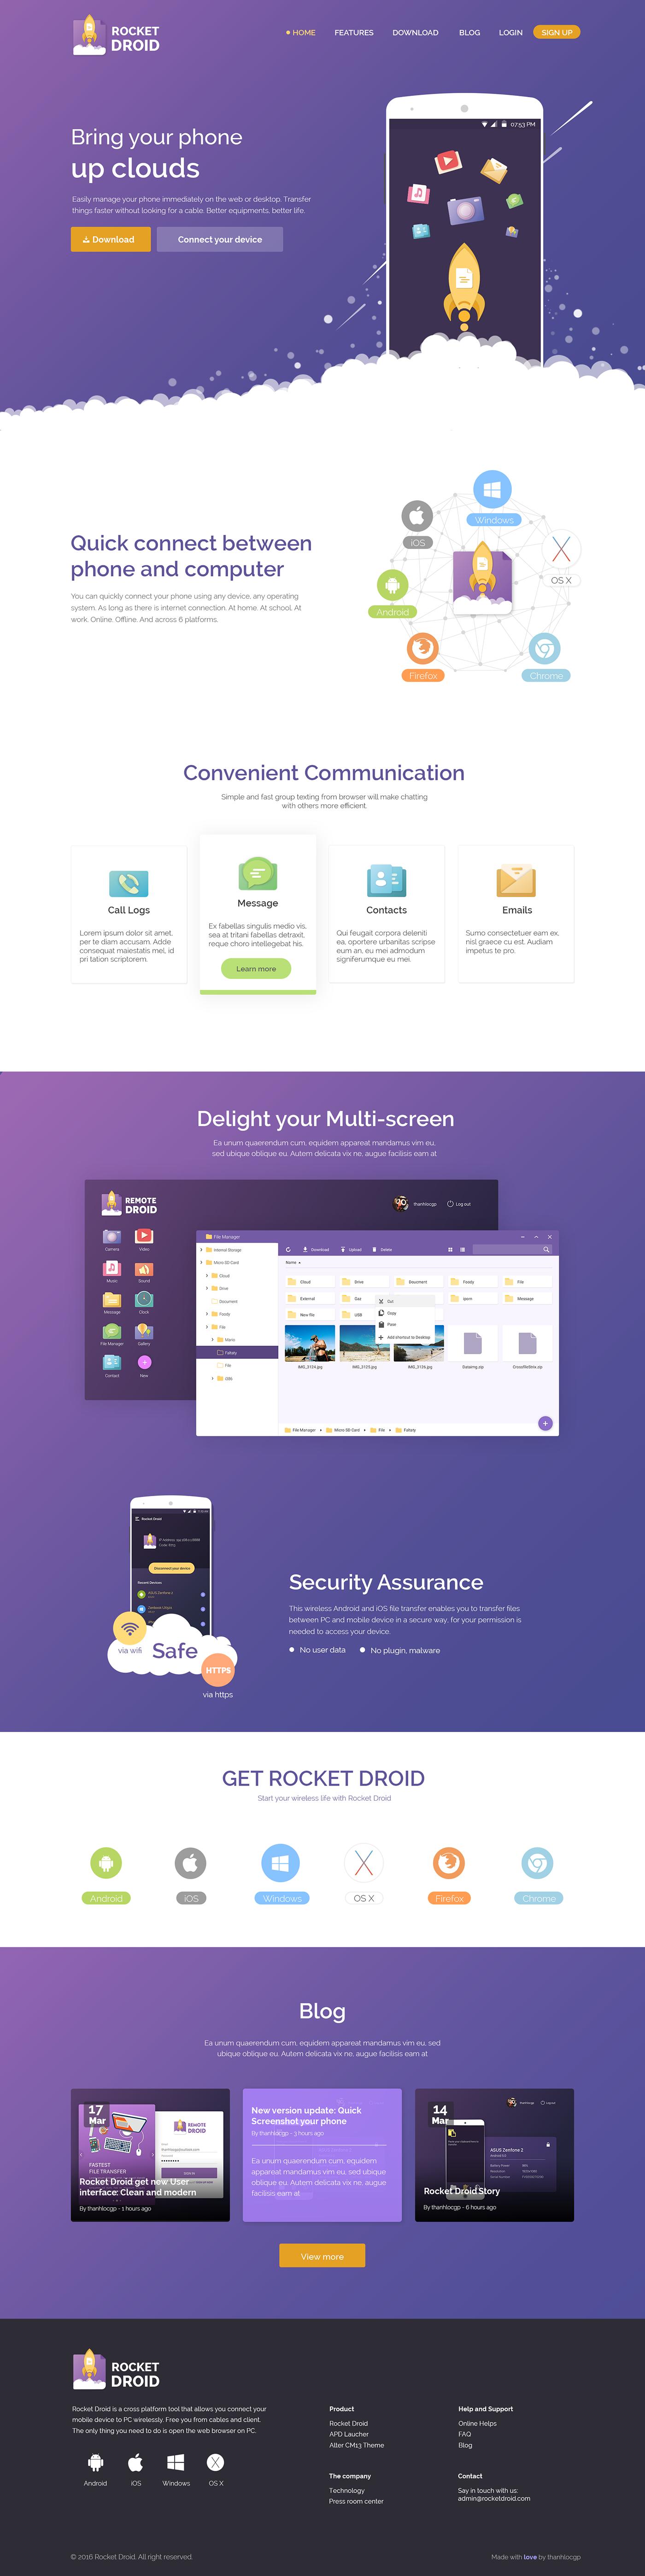 RocketDroid - Landing page Website on Behance | UI/UX Design ...